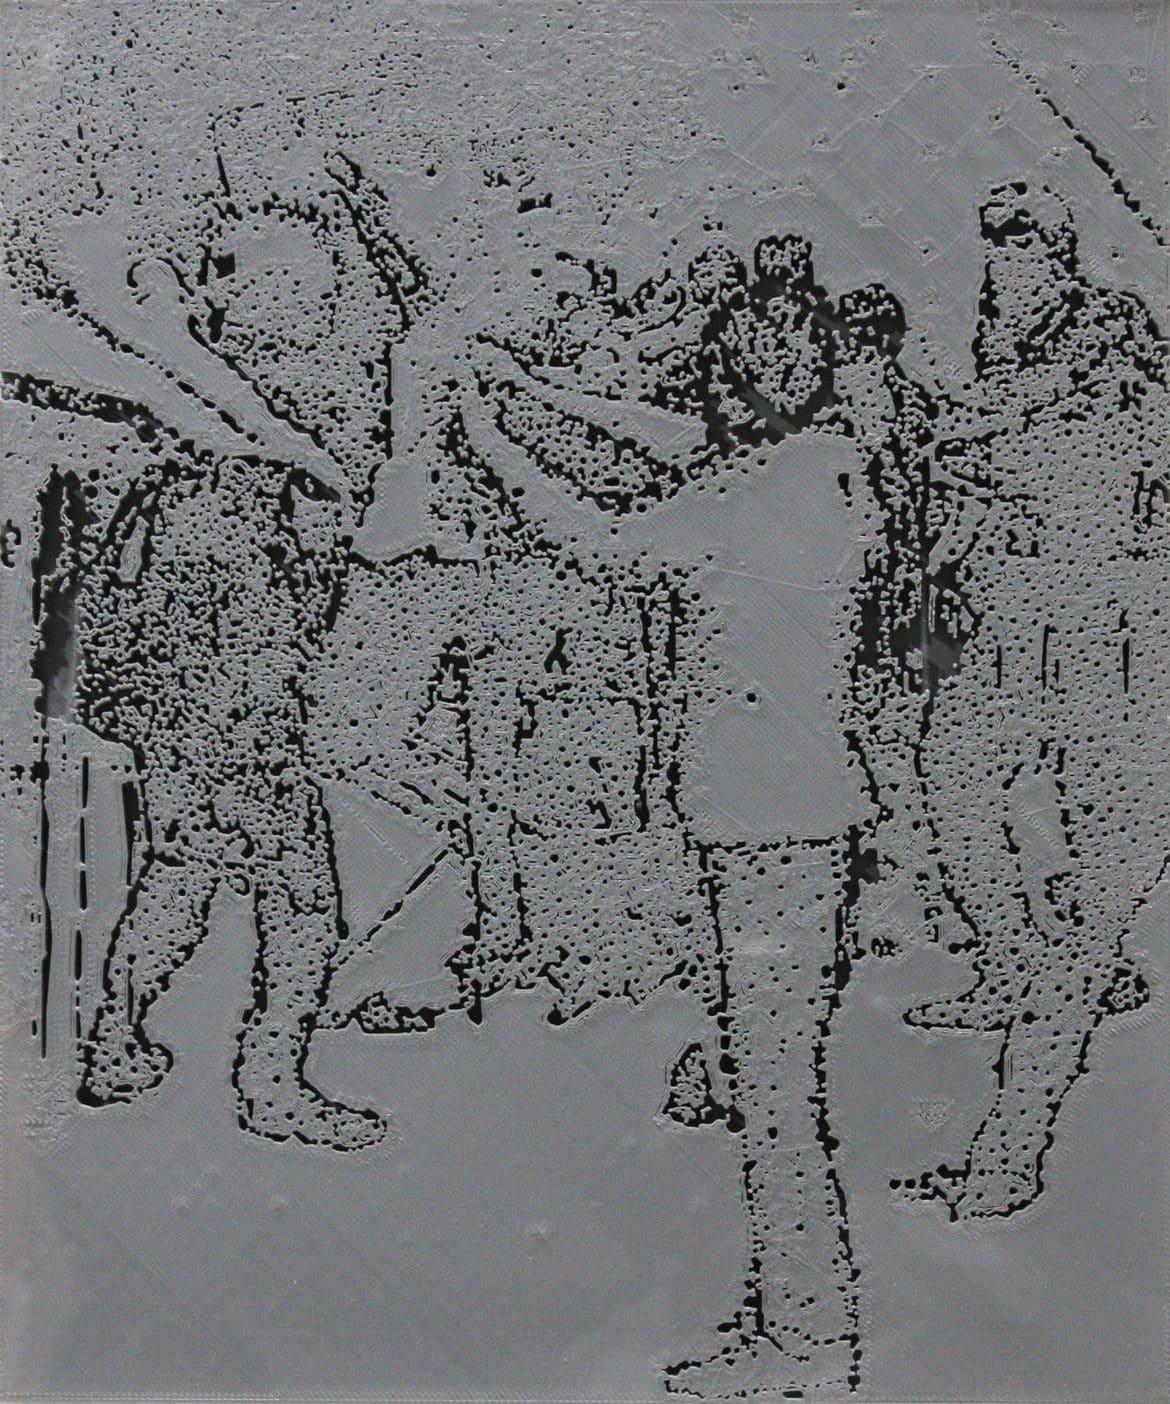 Jon Cattapan, 'Vapour Study I', 2019, 3D print, framed, 37 x 44 cm, edition of 5 + 1 A.P